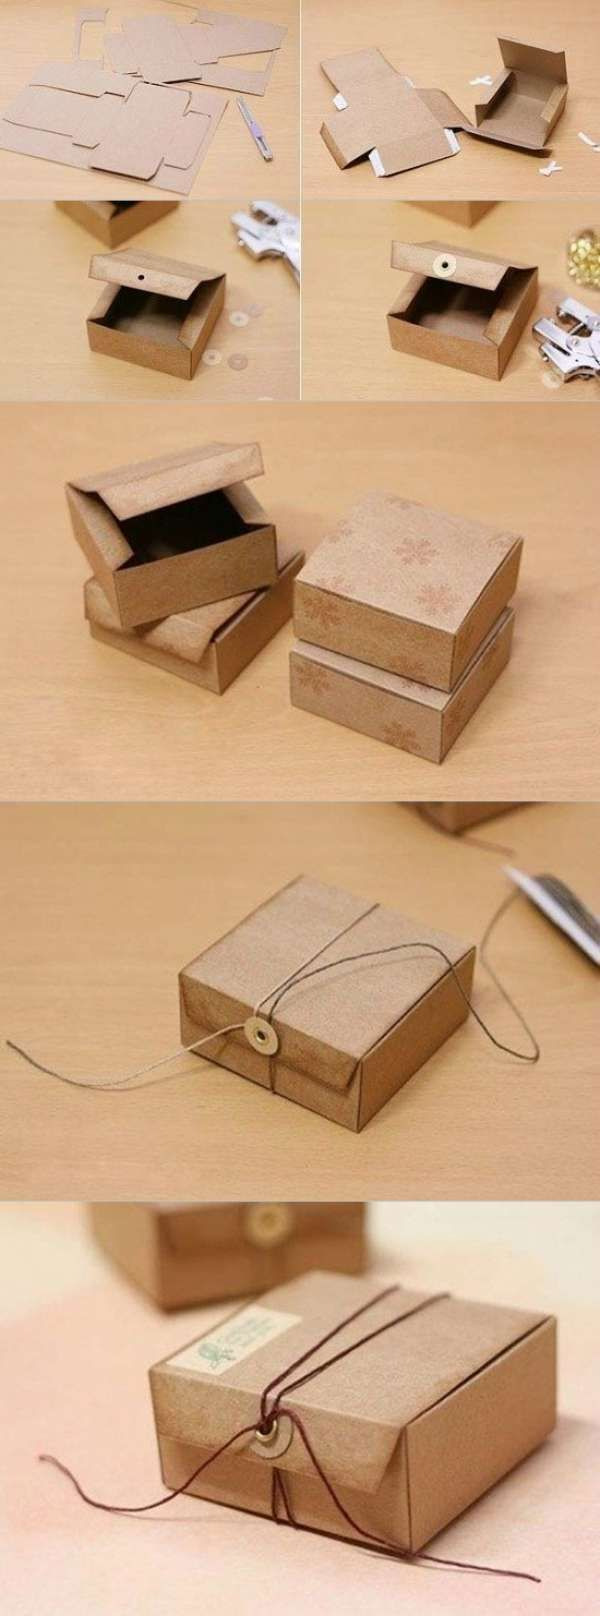 16 cr ations originales partir de boites en carton boite en carton boite cadeau et carton. Black Bedroom Furniture Sets. Home Design Ideas